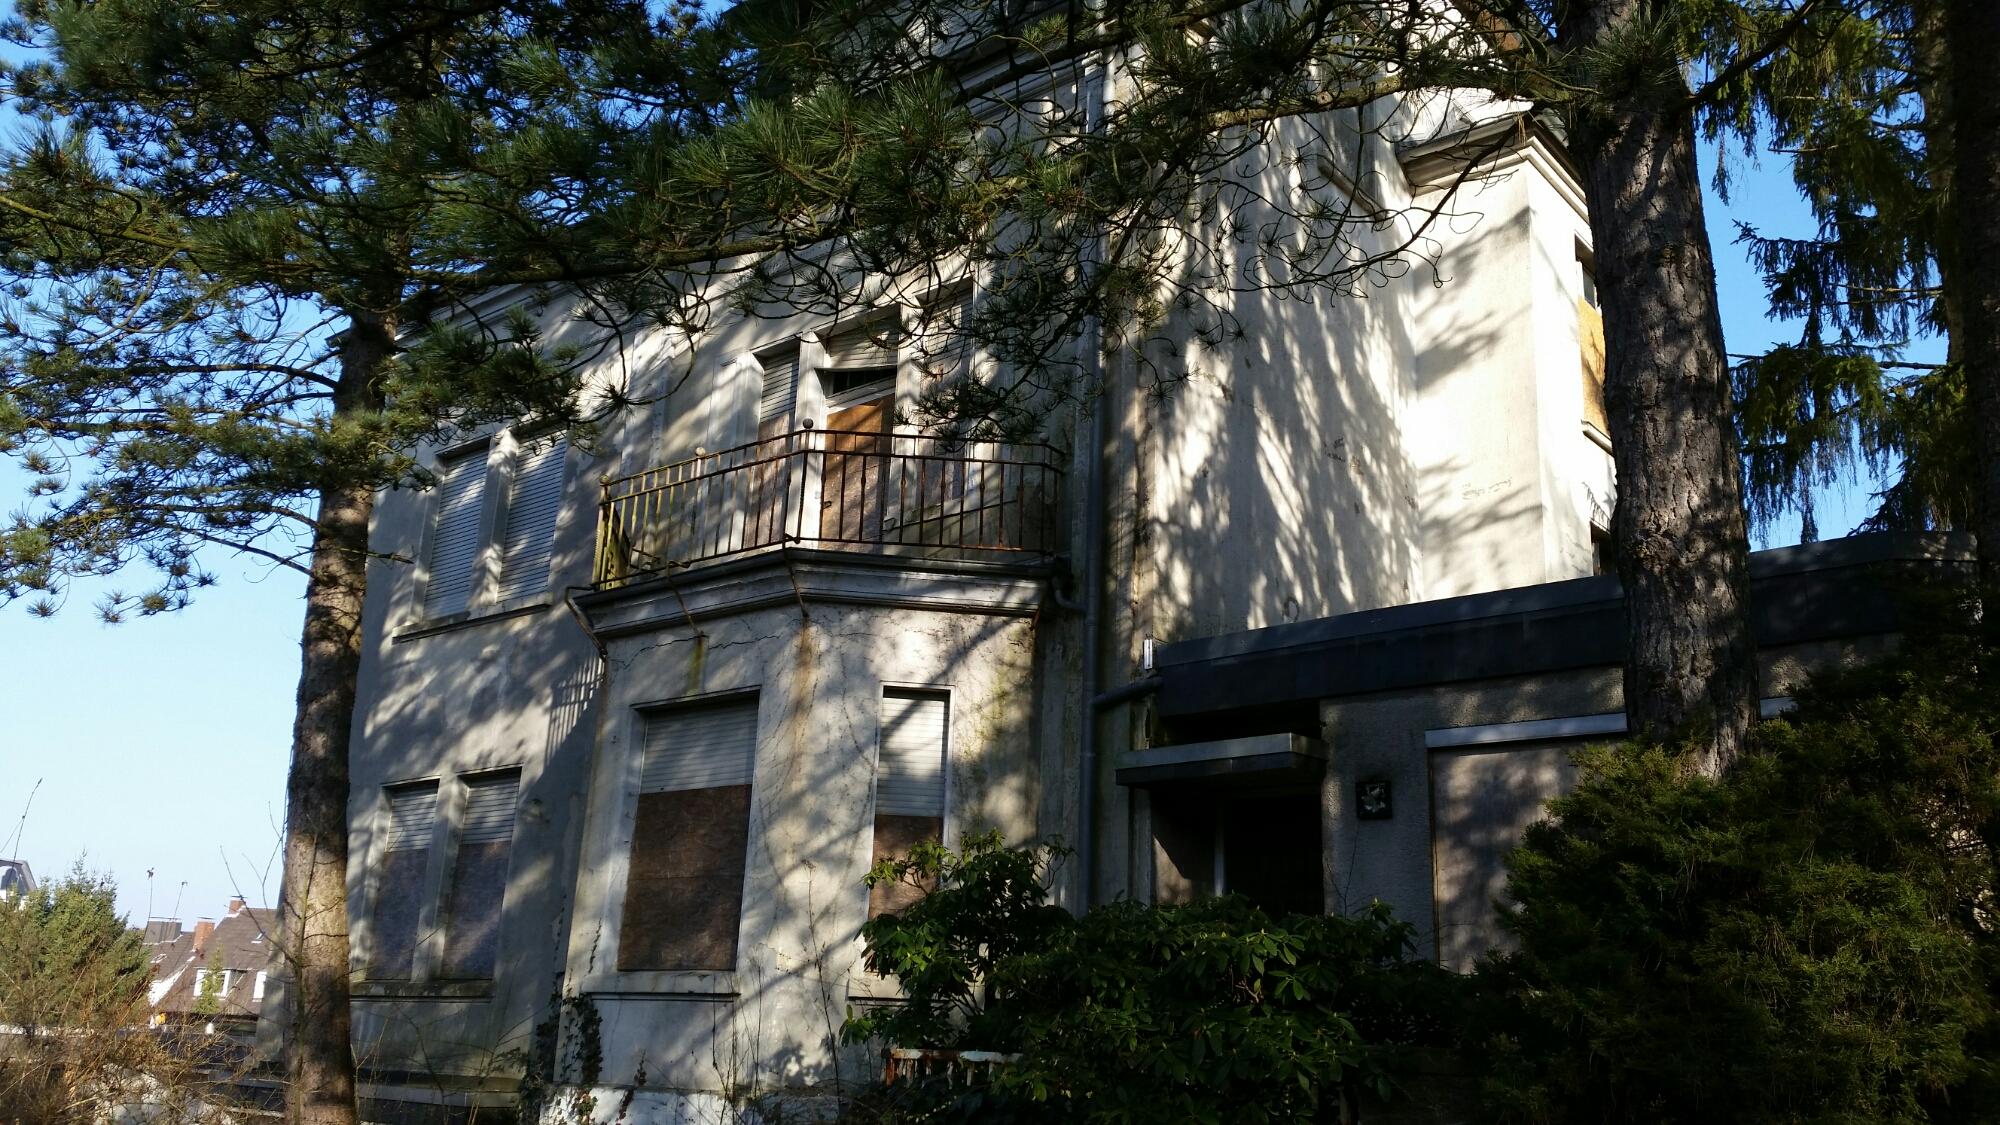 Altes Haus in Schwelm,Balkon mit Fenstern im Sonnenschein